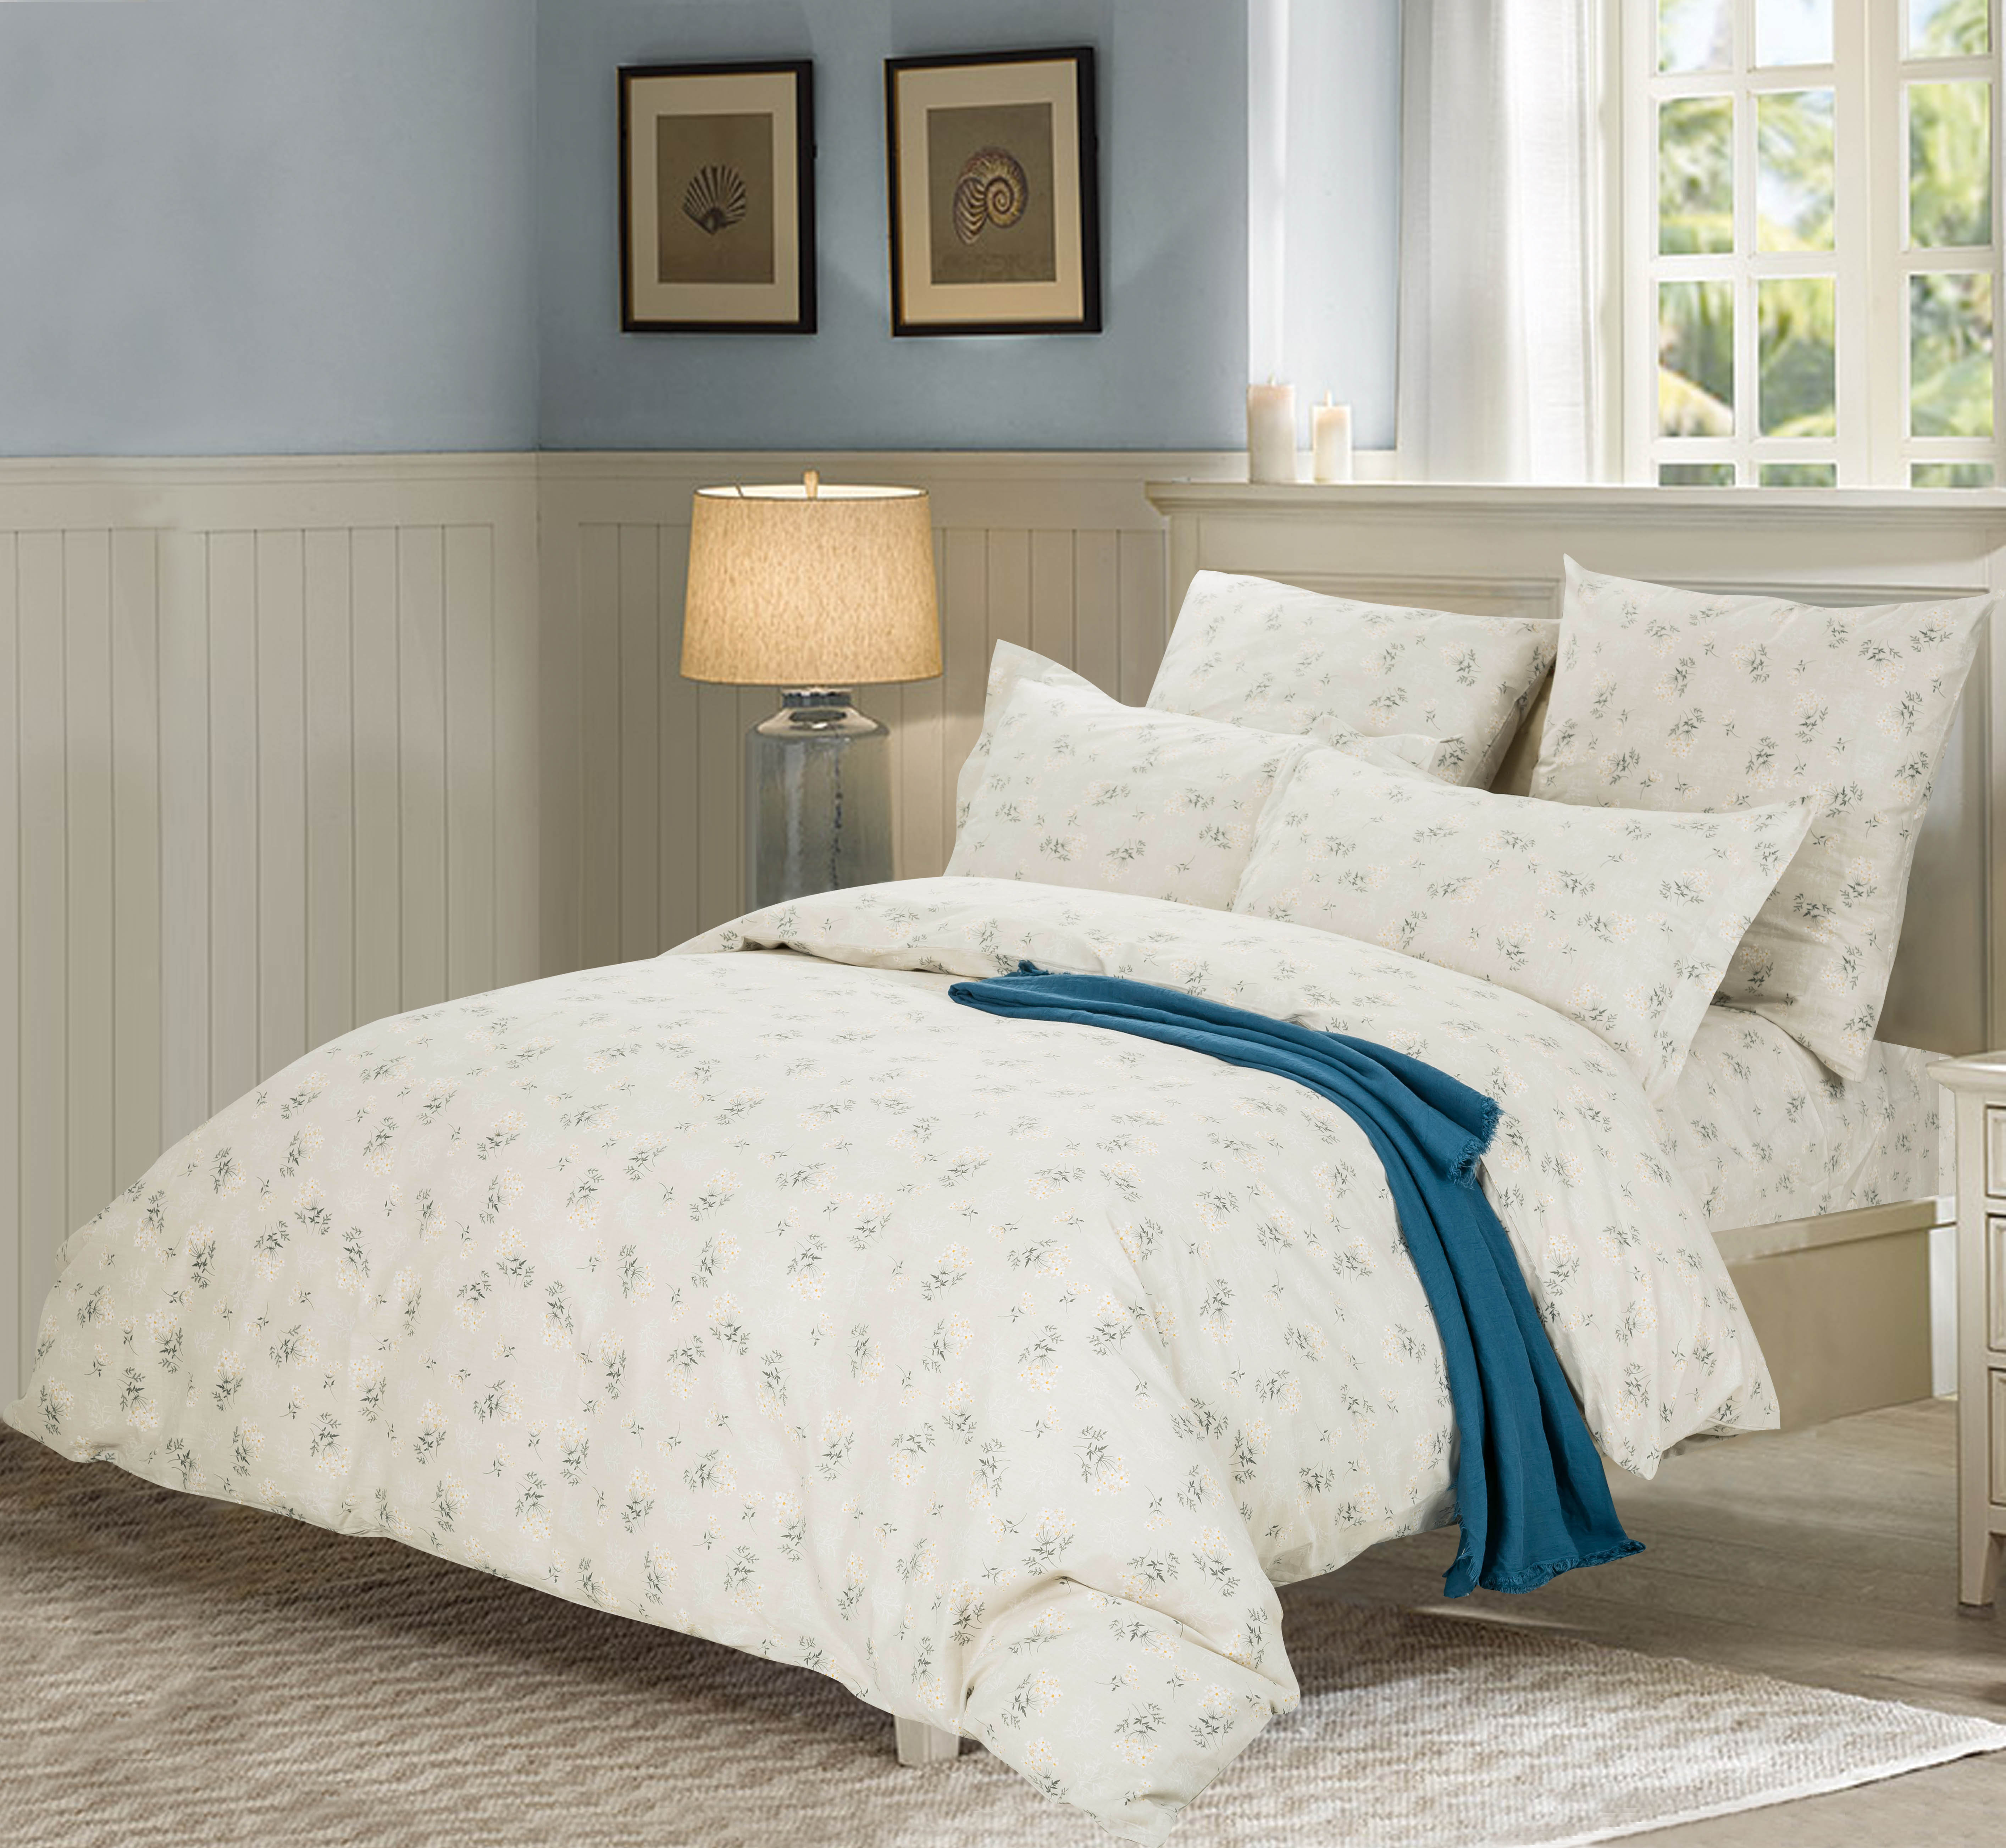 Комплекты постельного белья СайлиД Постельное белье Home A-181 (семейное) постельное белье сайлид 2 0сп a 139